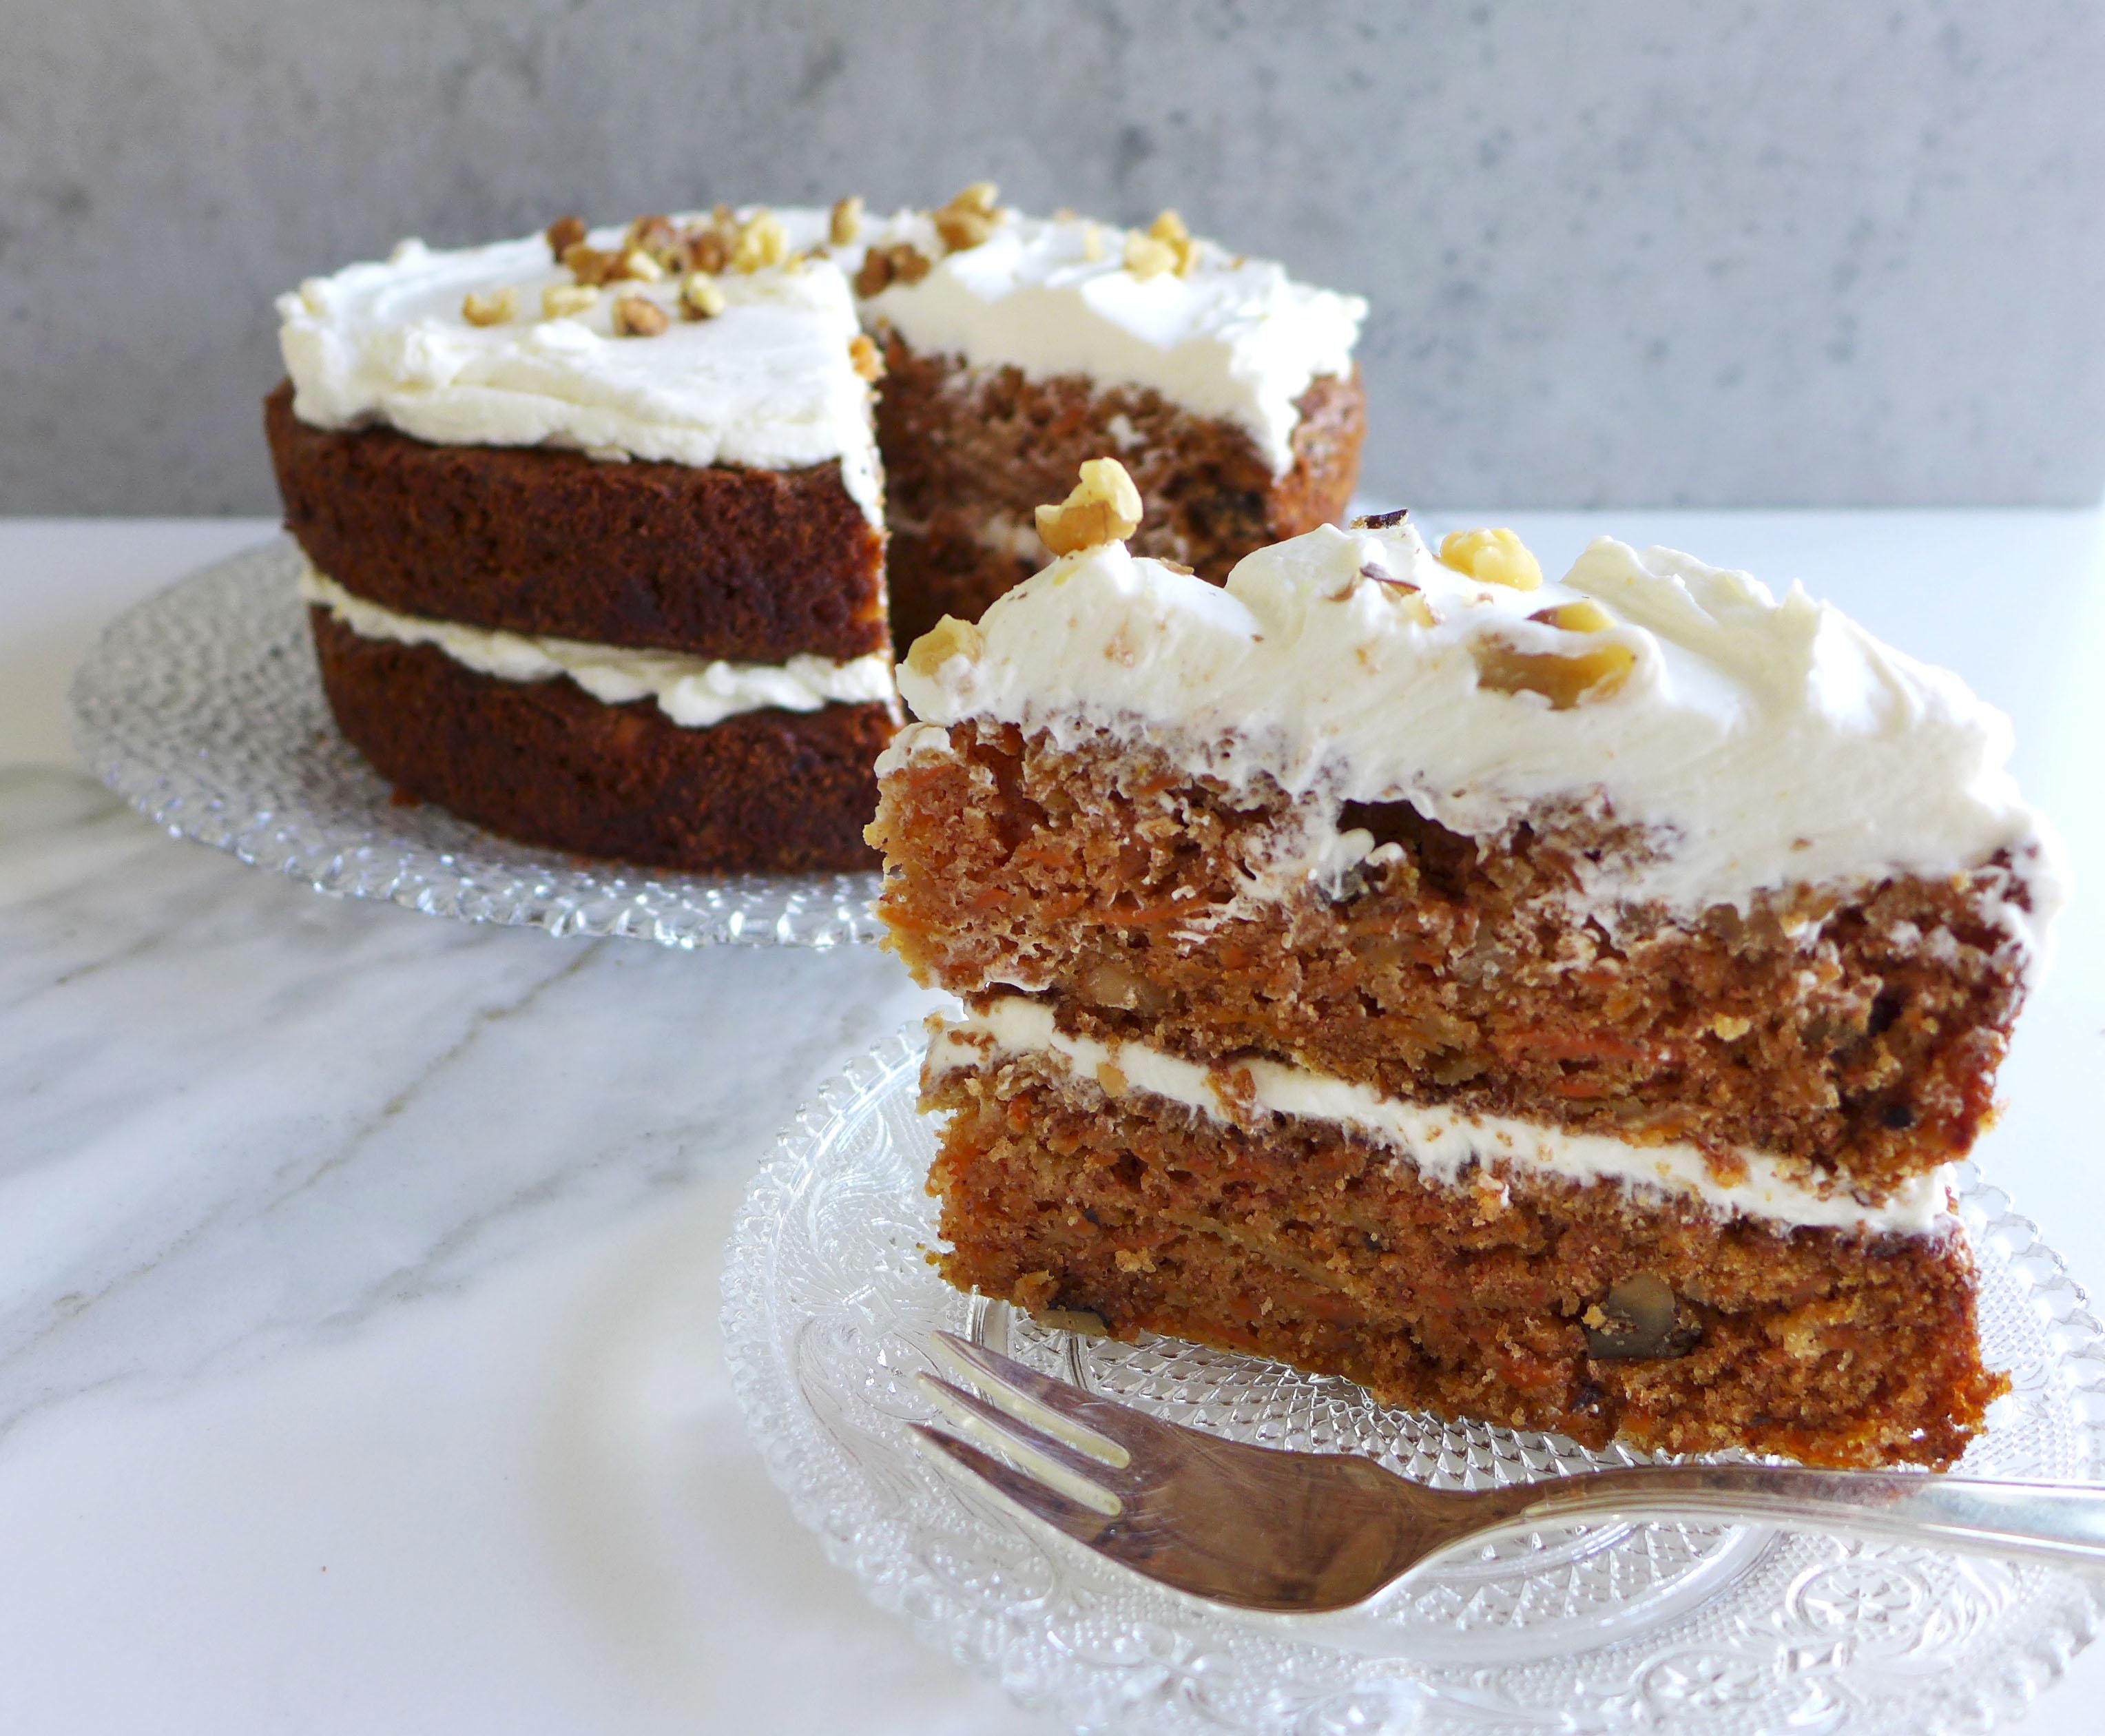 Describing Carrot Cake